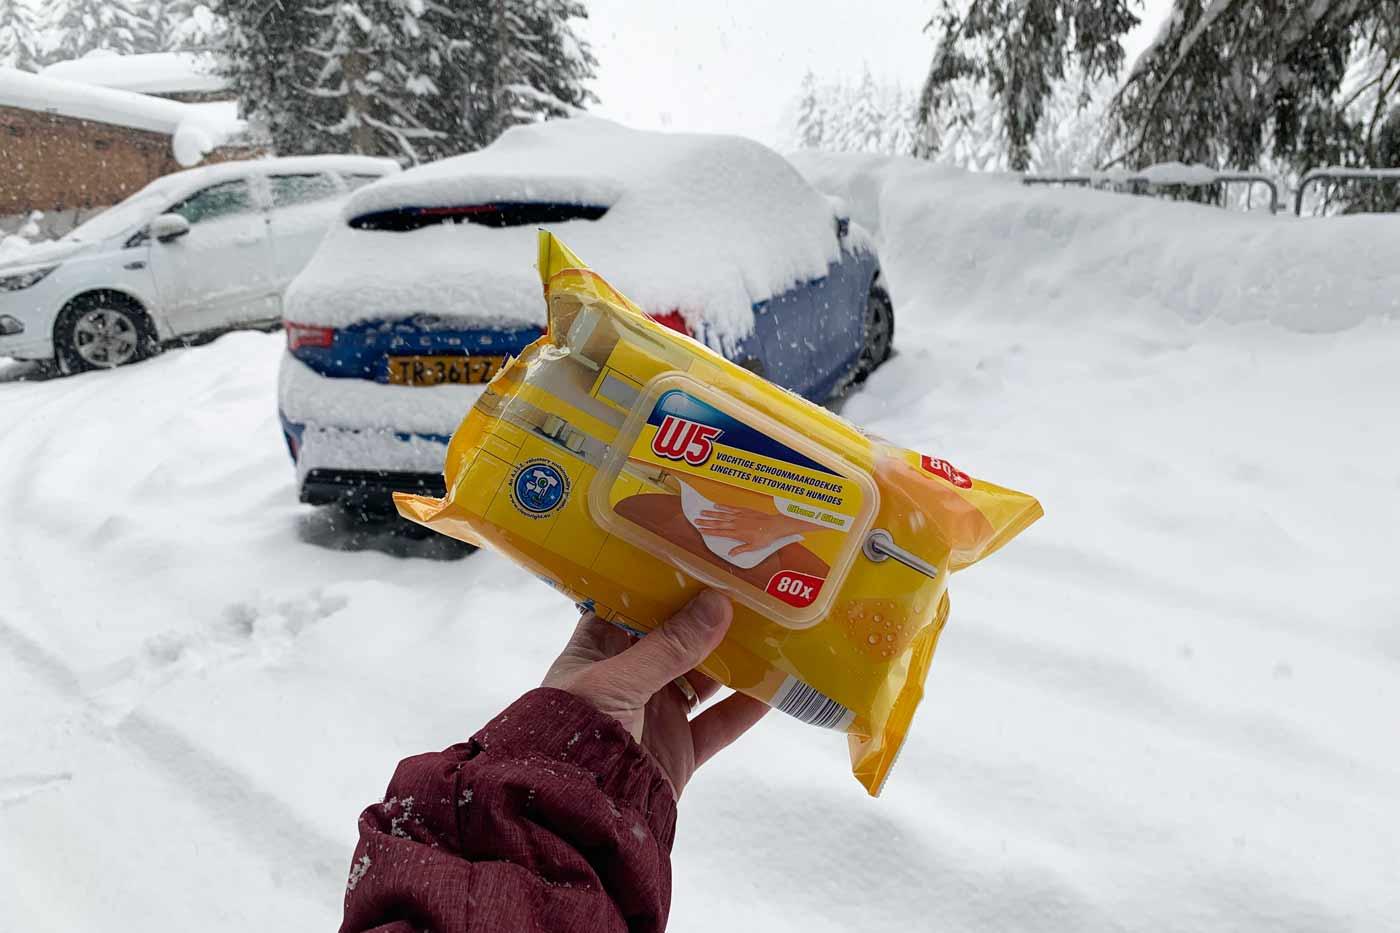 Schoonmaakdoekjes in de auto op wintersport